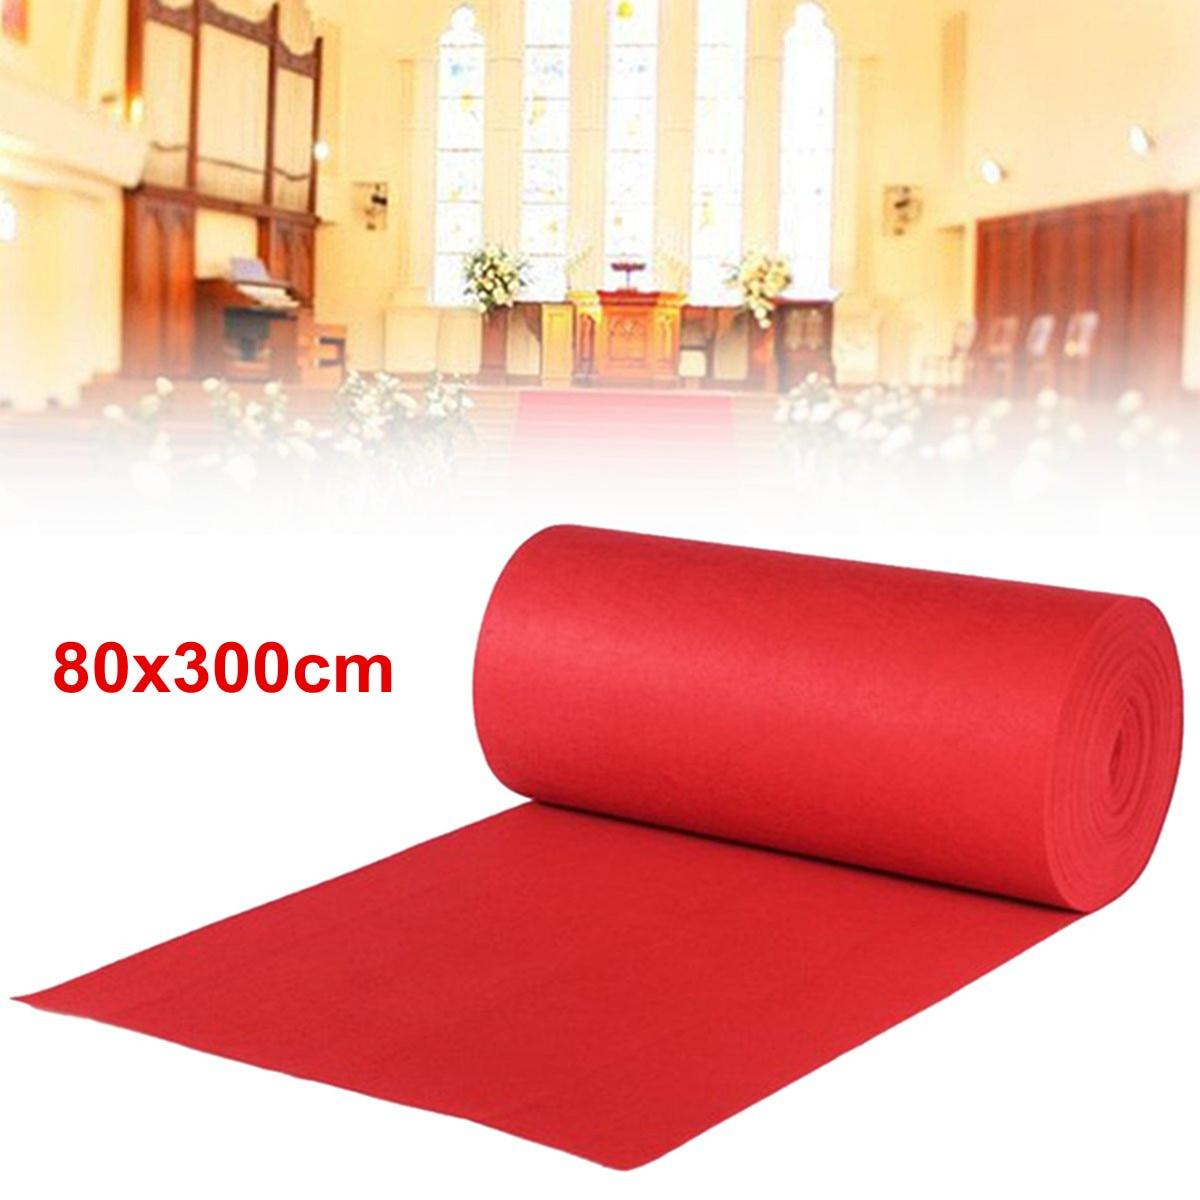 Polyester Rot Teppich Hochzeit Läufer Gang Boden Teppich 80x300 cm Festliche Party Dekoration Veranstaltungen Partei Liefert Öffnung Feier